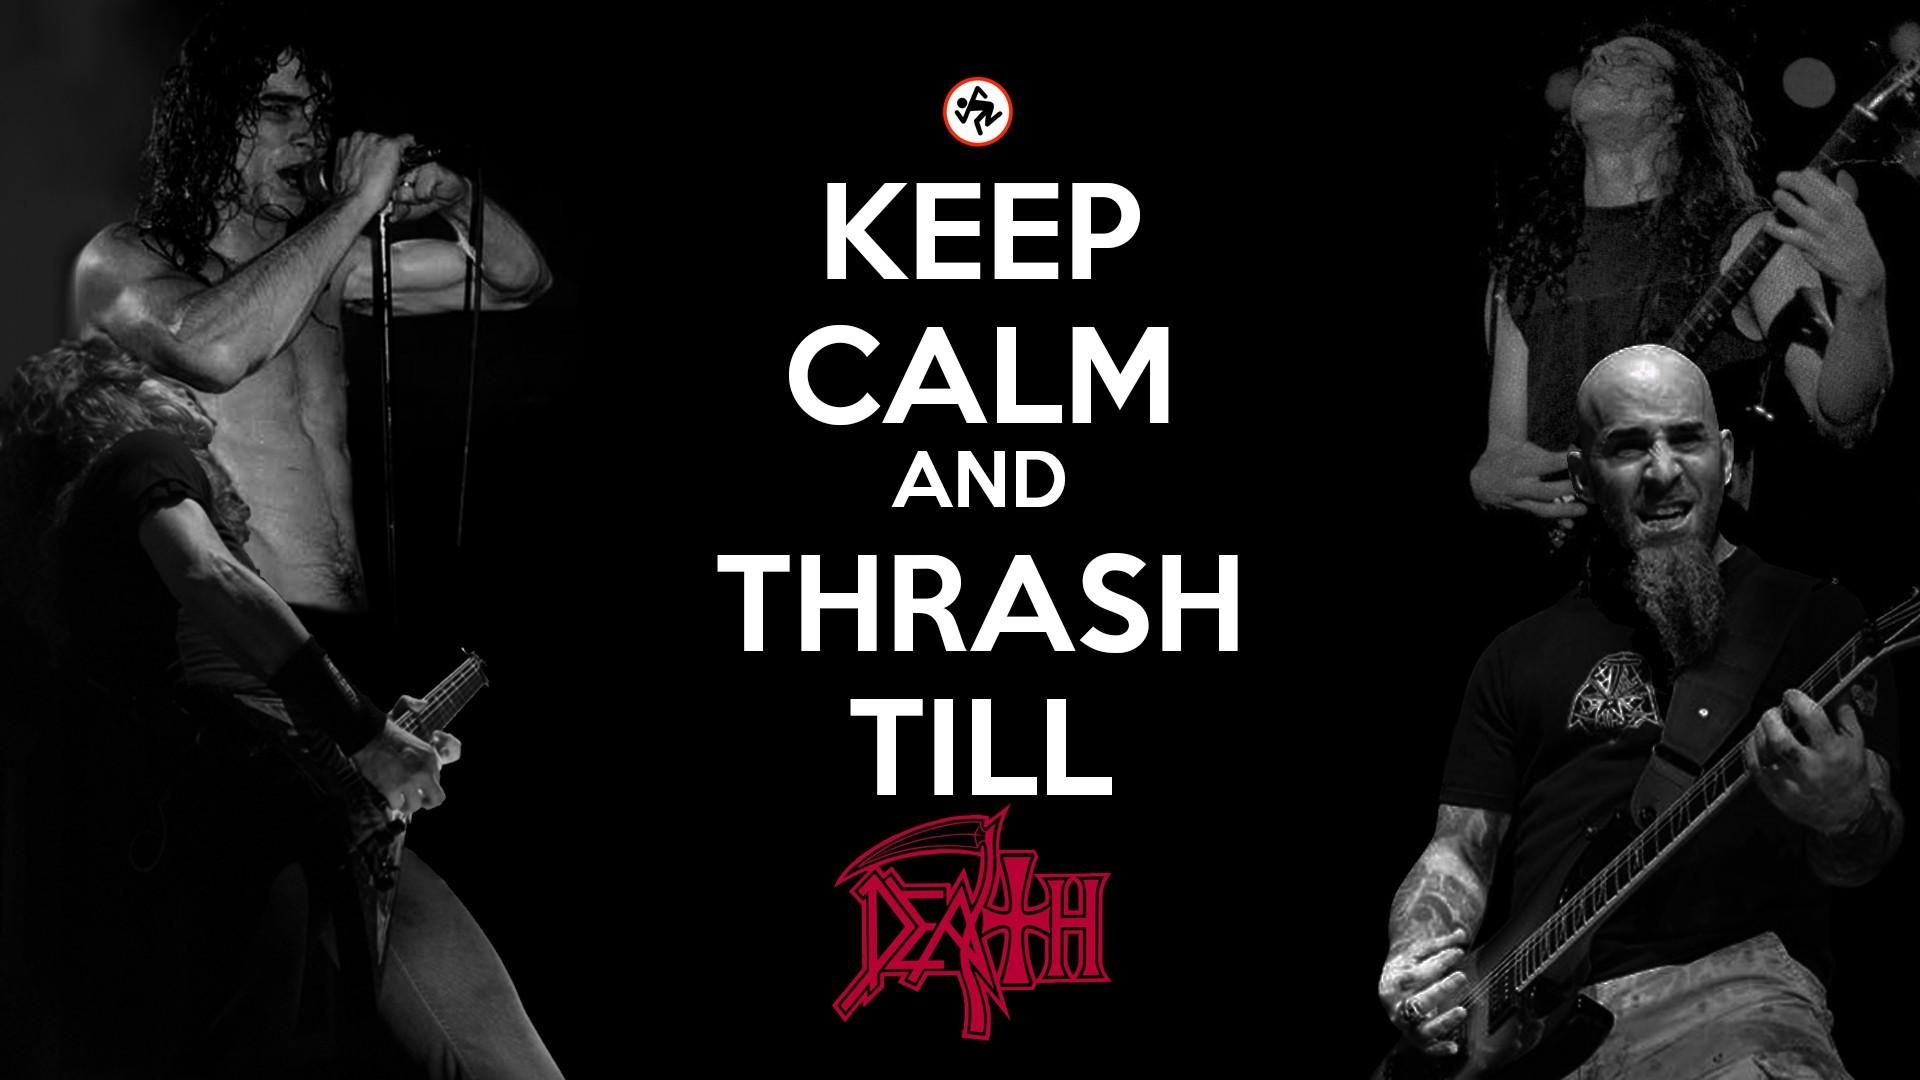 http://hqscreen.com/thrash-metal-overkill-chuck-schuldiner-scott-ian-wallpaper-49403/